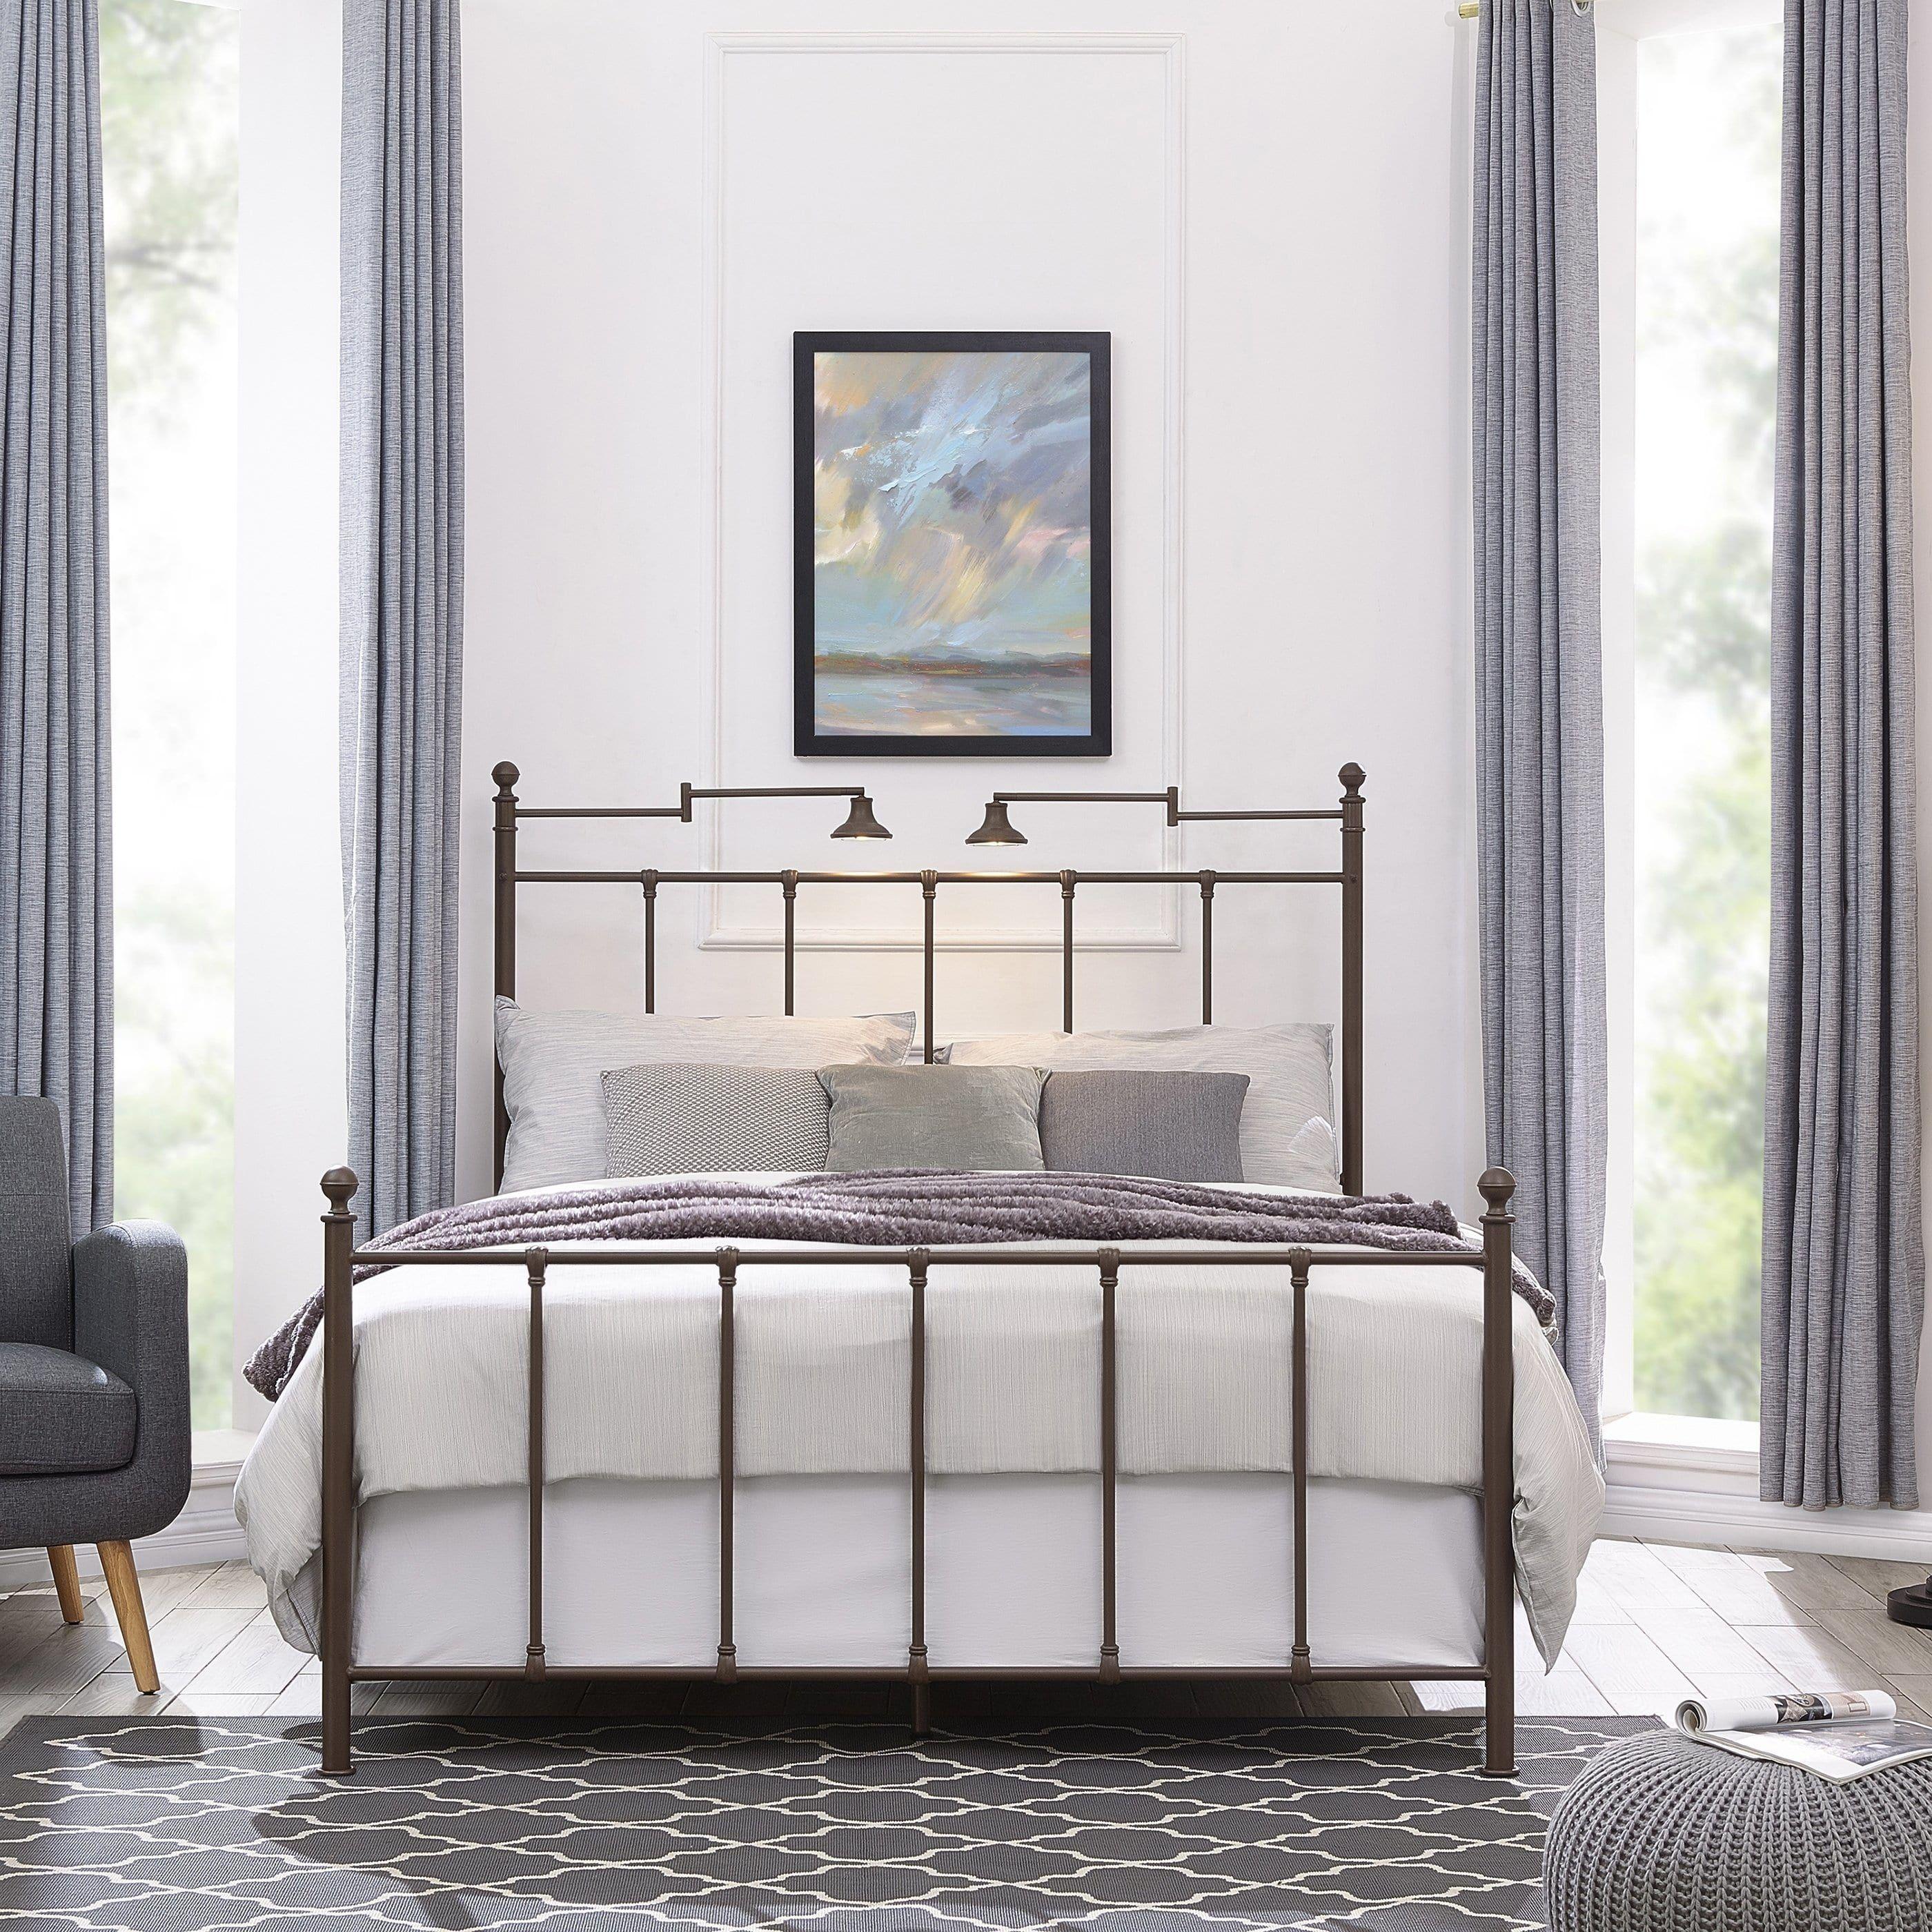 Handy Living Marseille Queen Bronze Metal Bed with Task